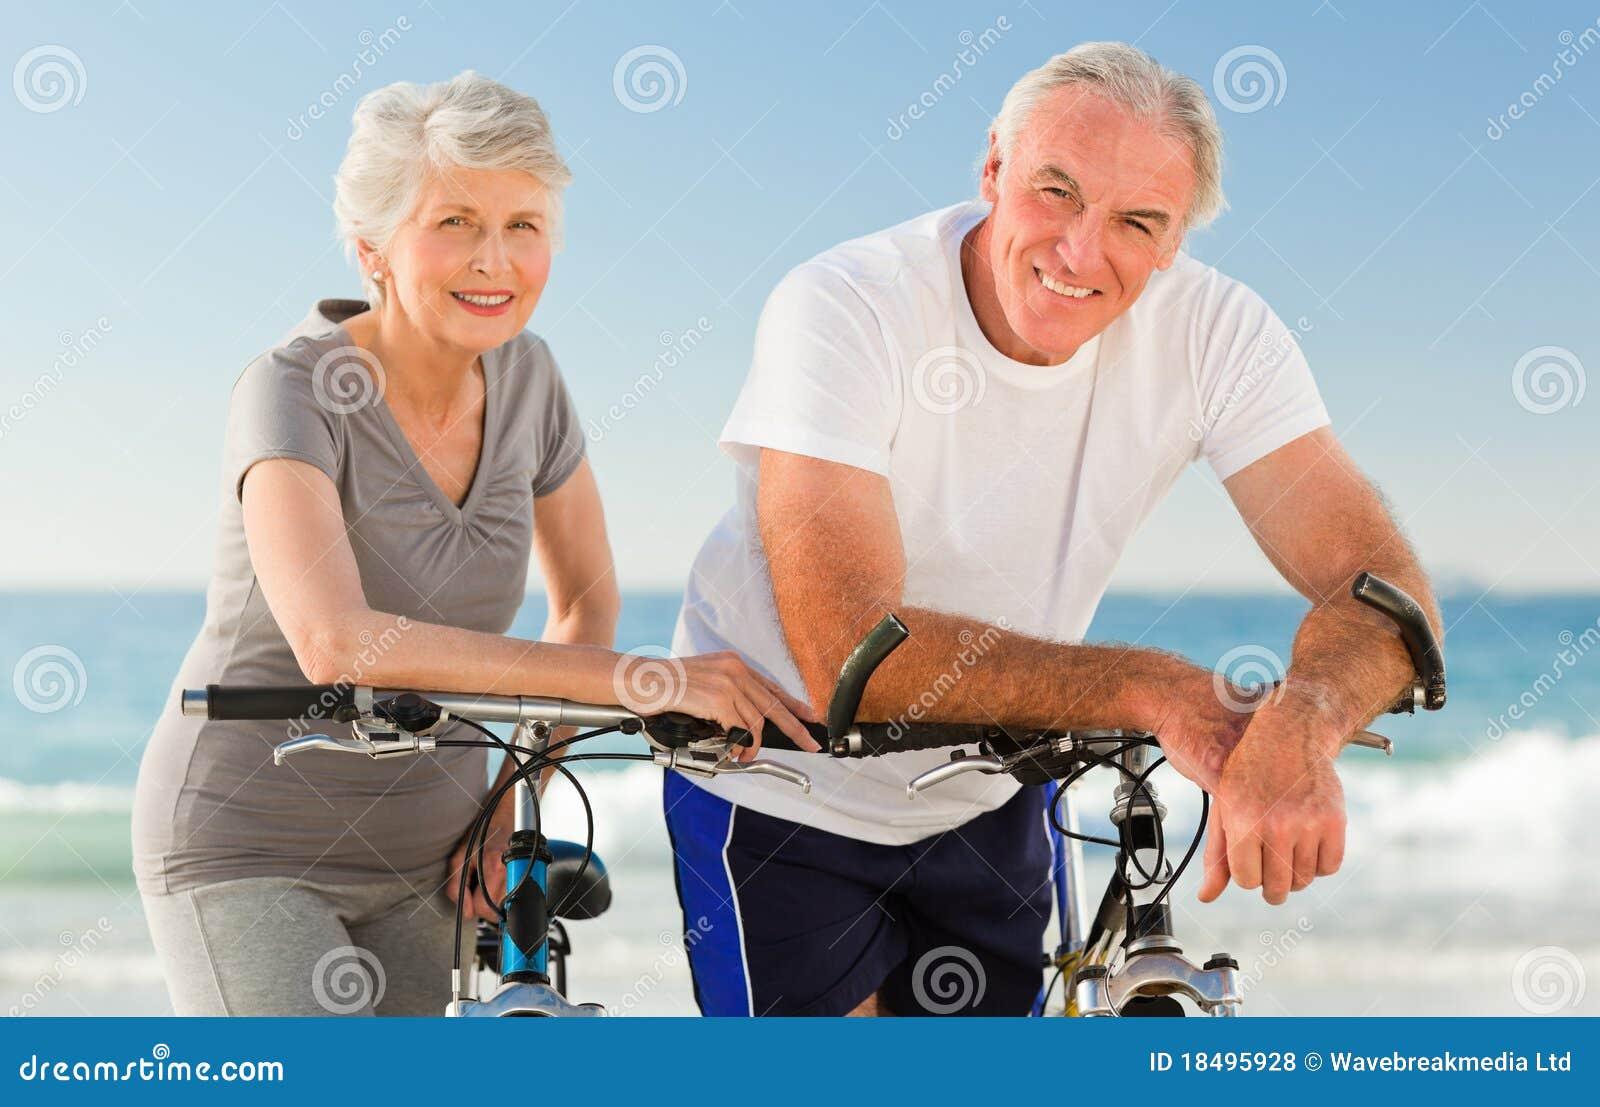 Stranden cyklar par avgick deras